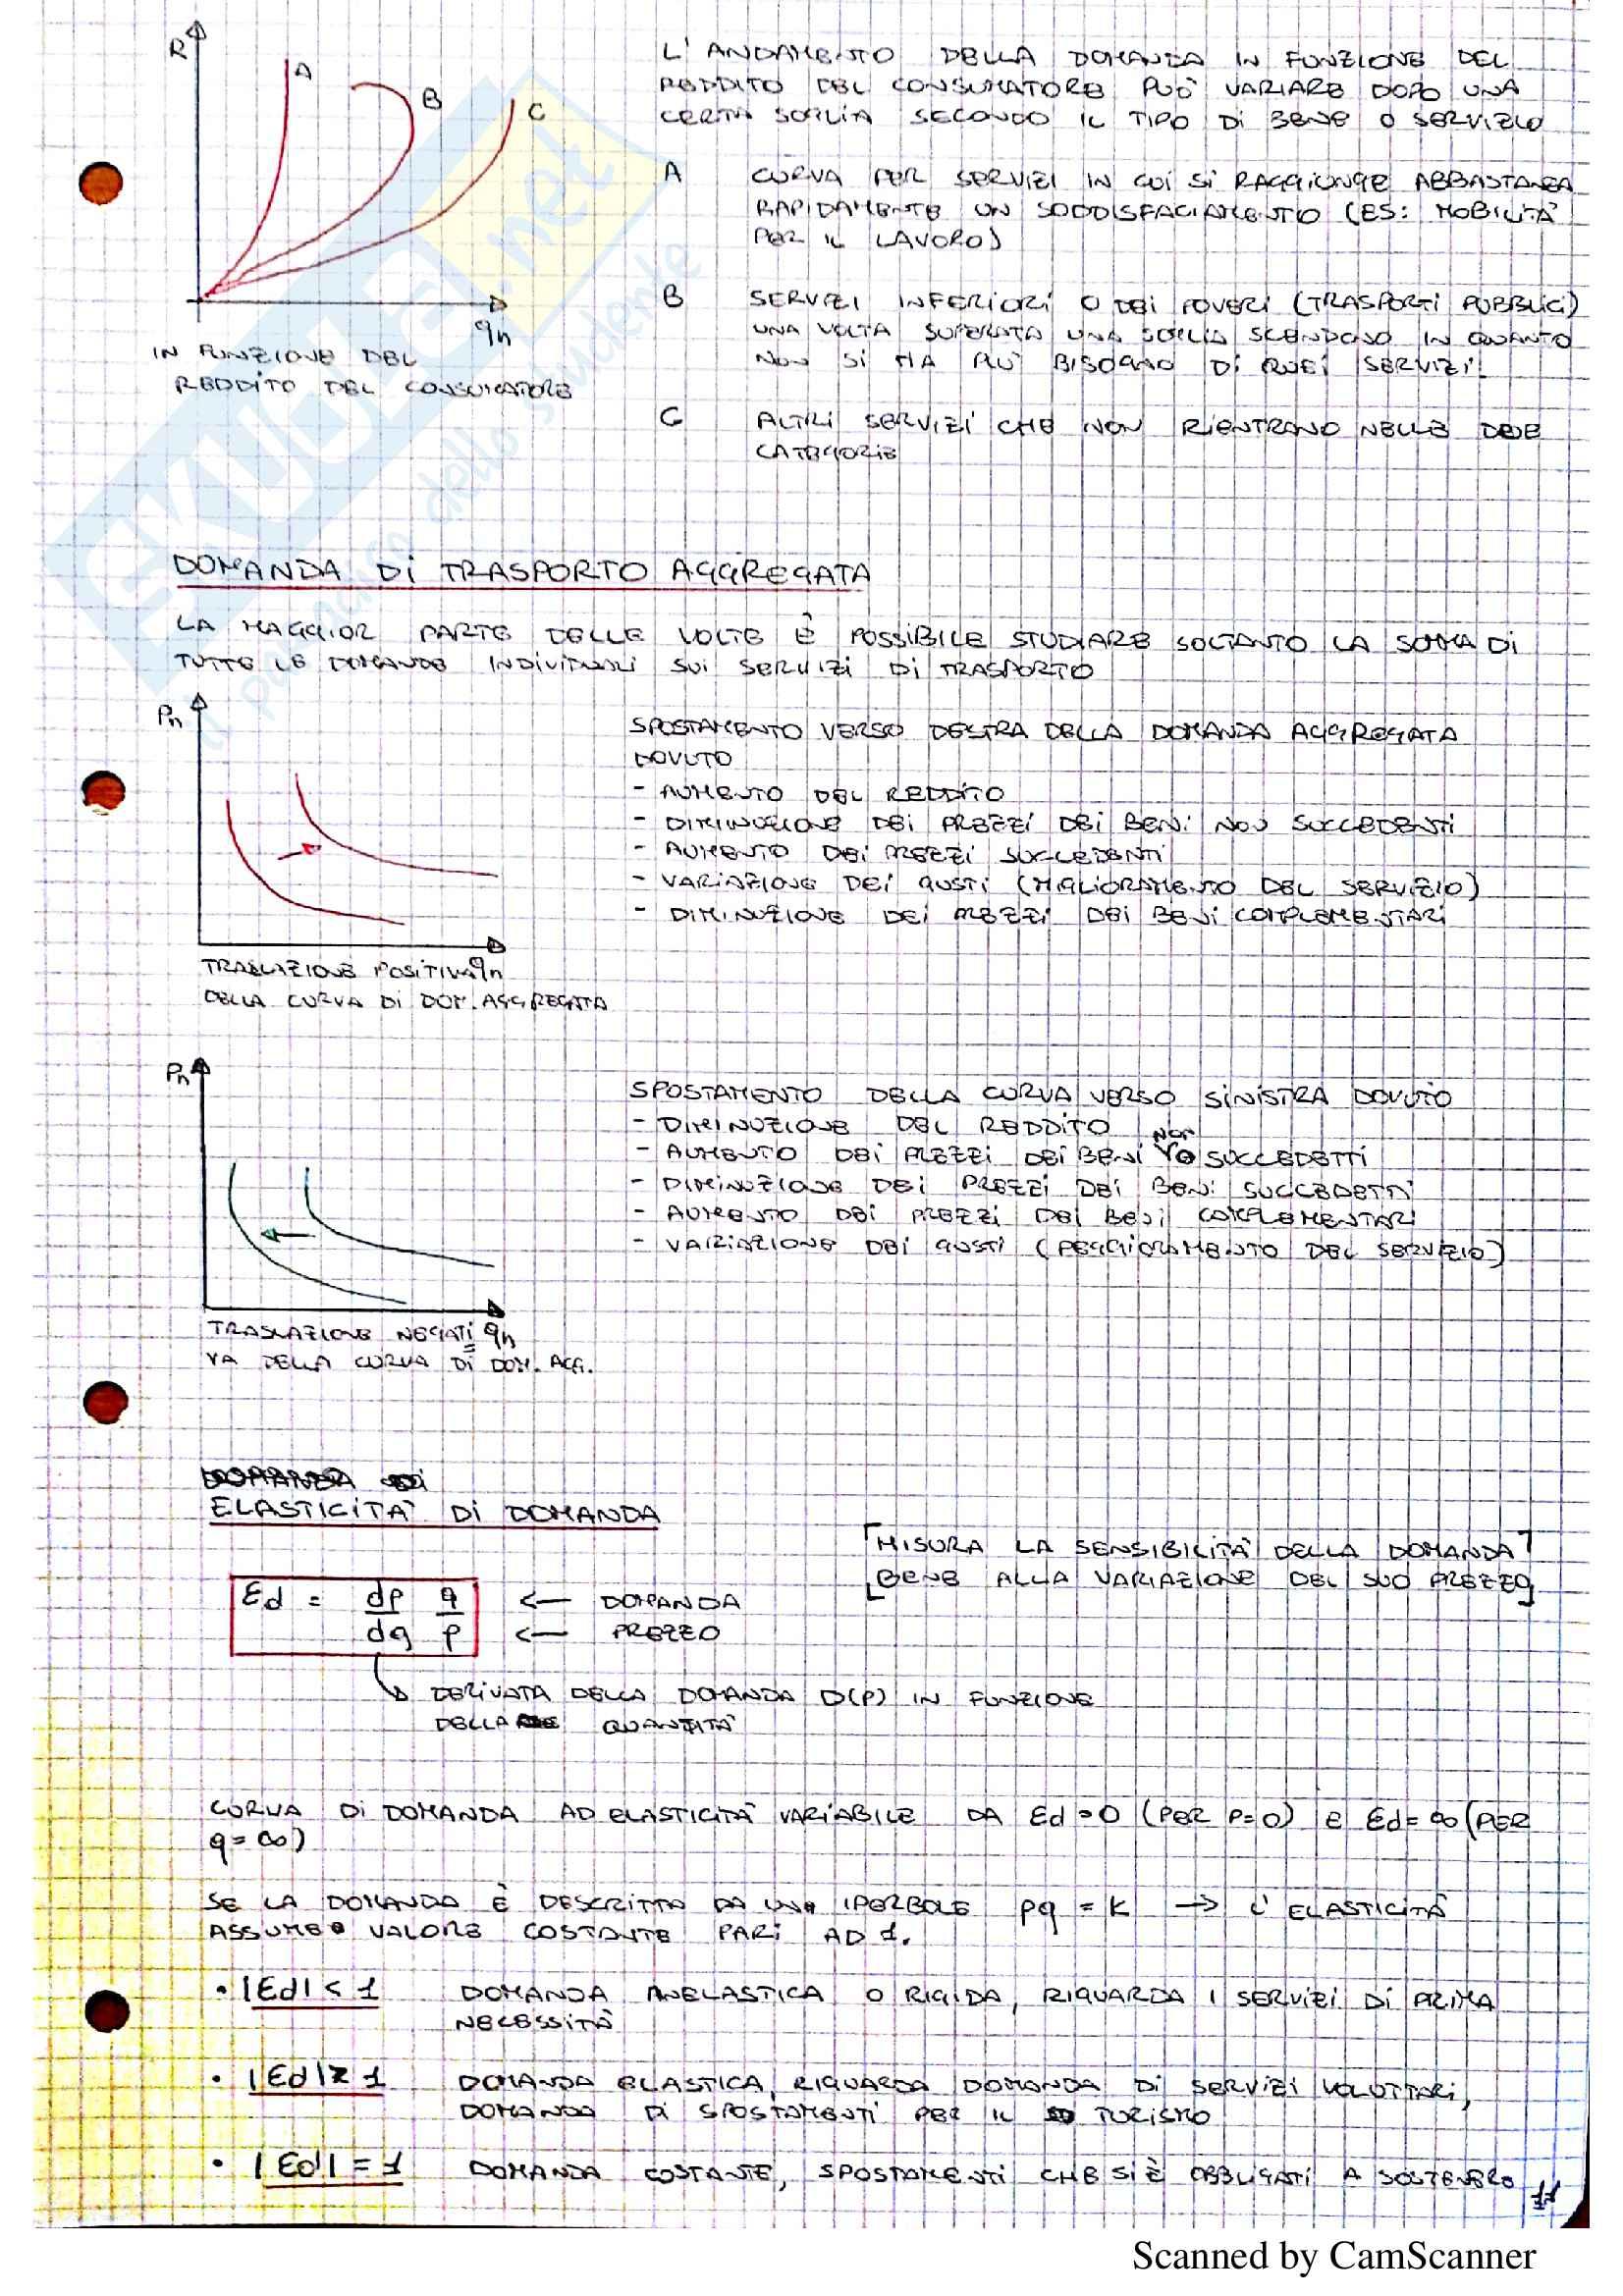 Tecnica ed economia dei trasporti (prof. Ricci) Pag. 11